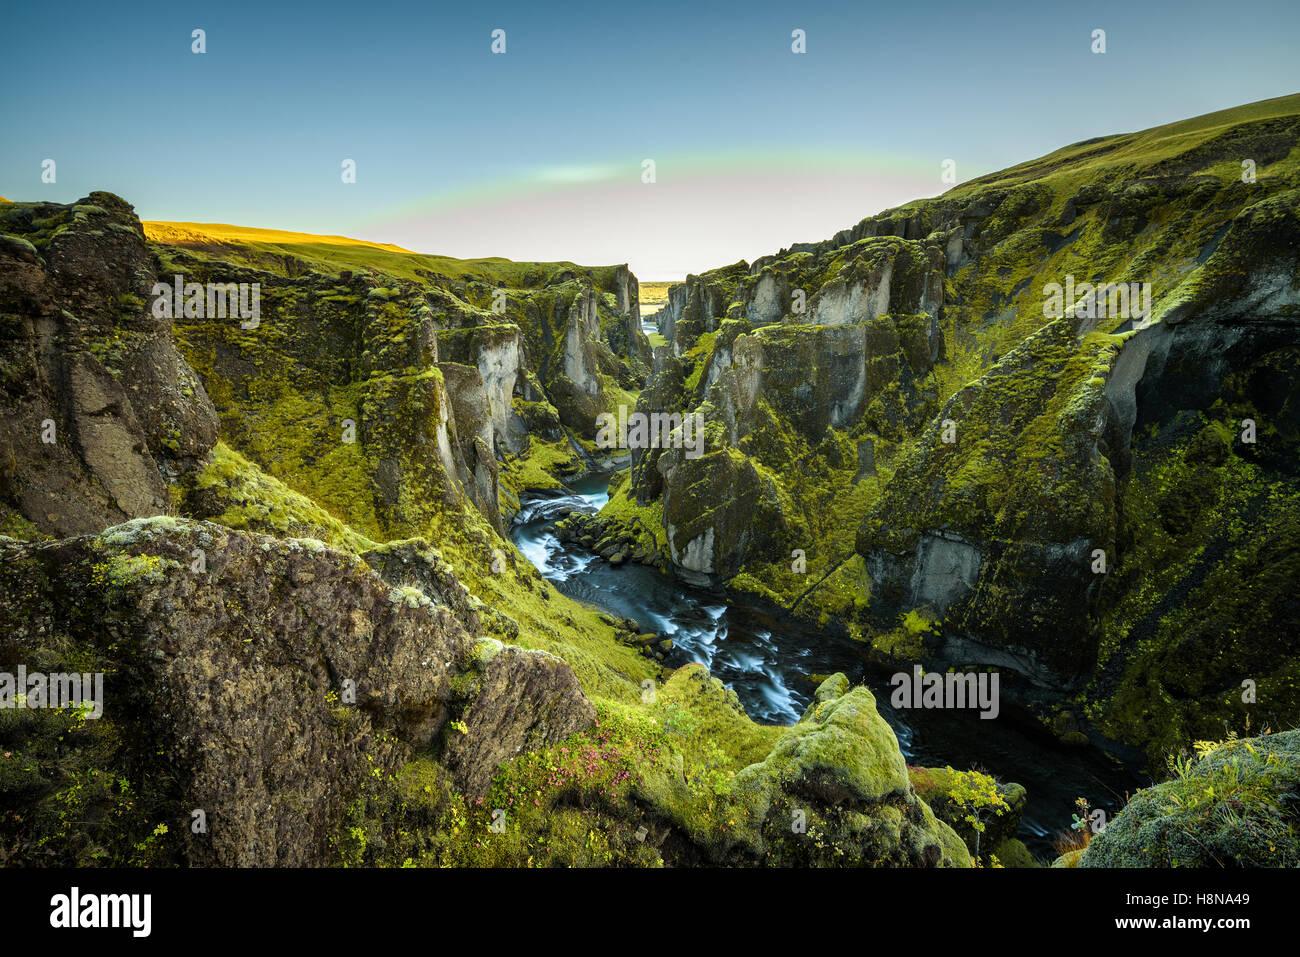 Fjadrargljufur profundo cañón y río que fluye a lo largo de la parte inferior del cañón, en el sureste de Islandia Foto de stock